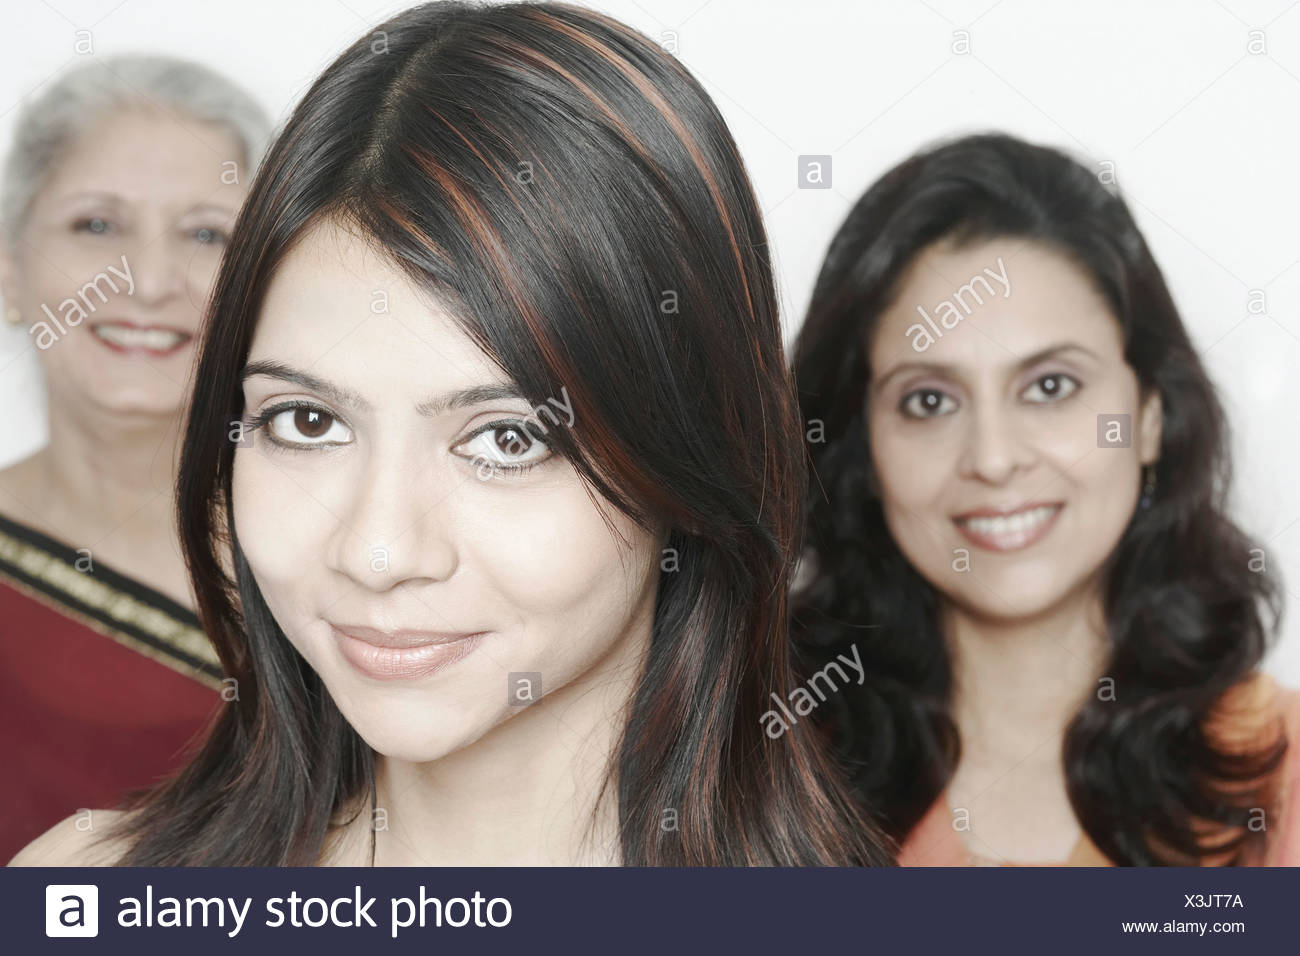 Porträt einer jungen Frau lächelnd mit zwei Frauen, die hinter ihr stehen Stockbild